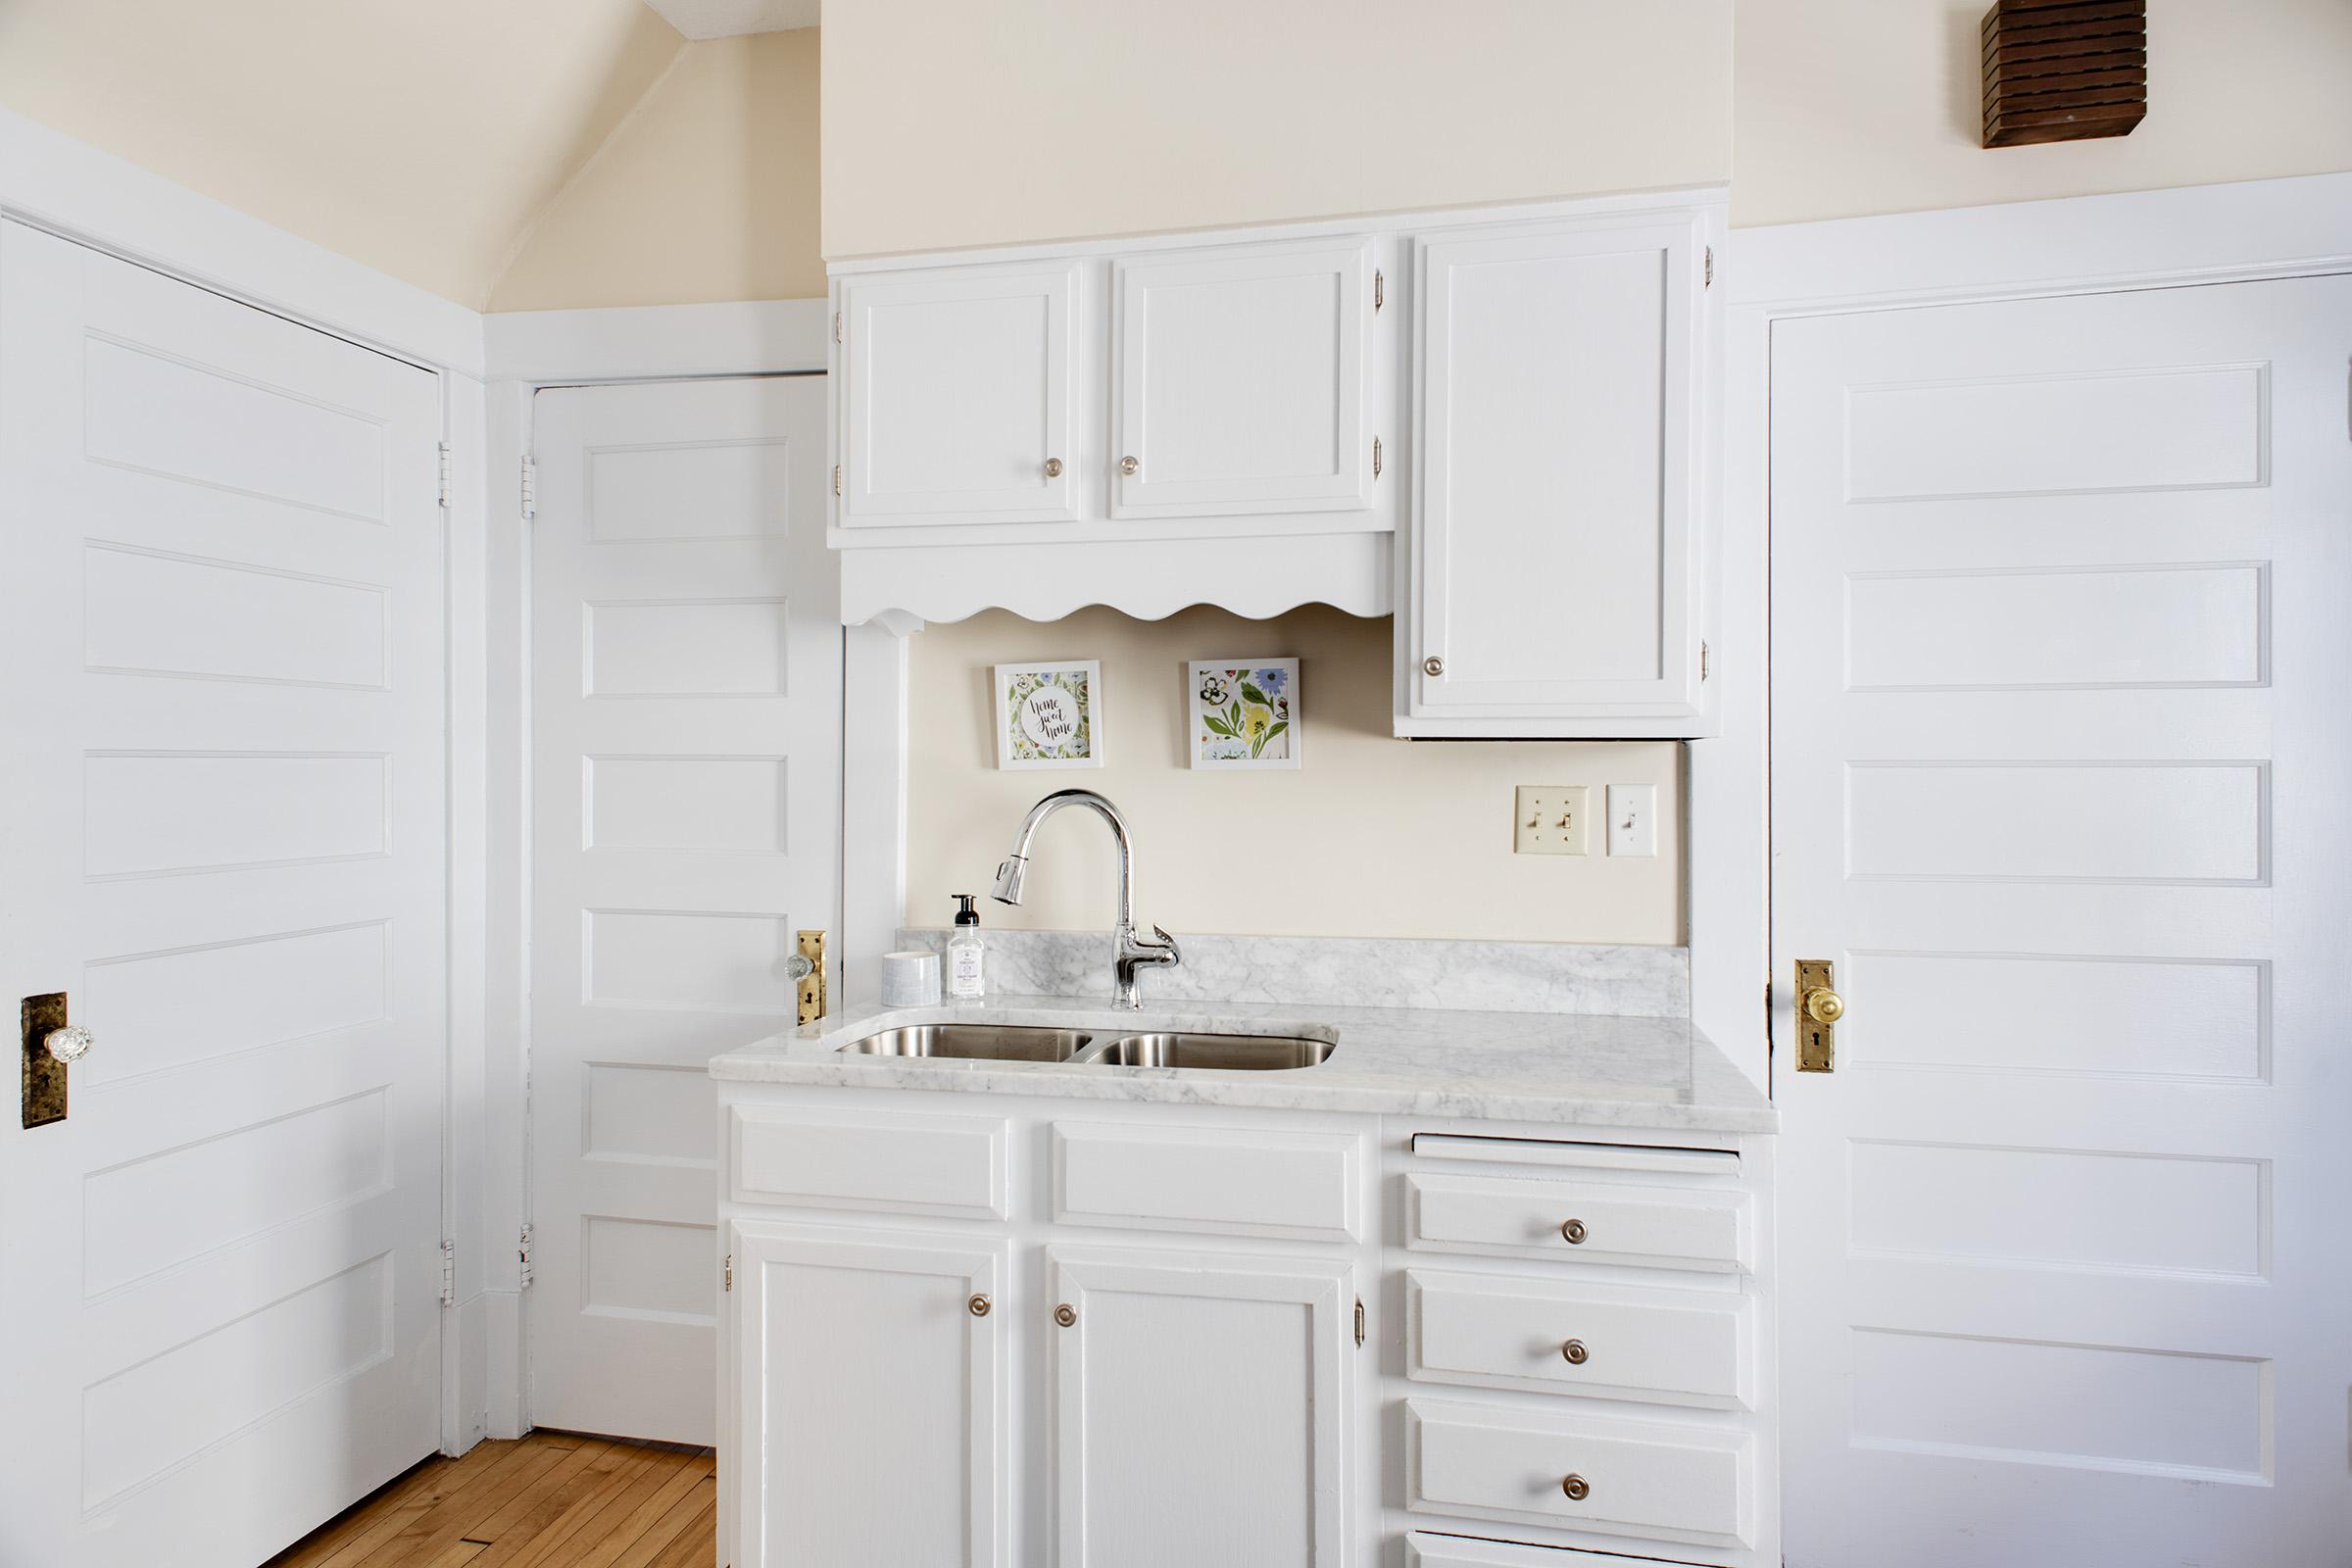 Kitchen [basement door, left, bathroom door, middle, door to backyard, right]